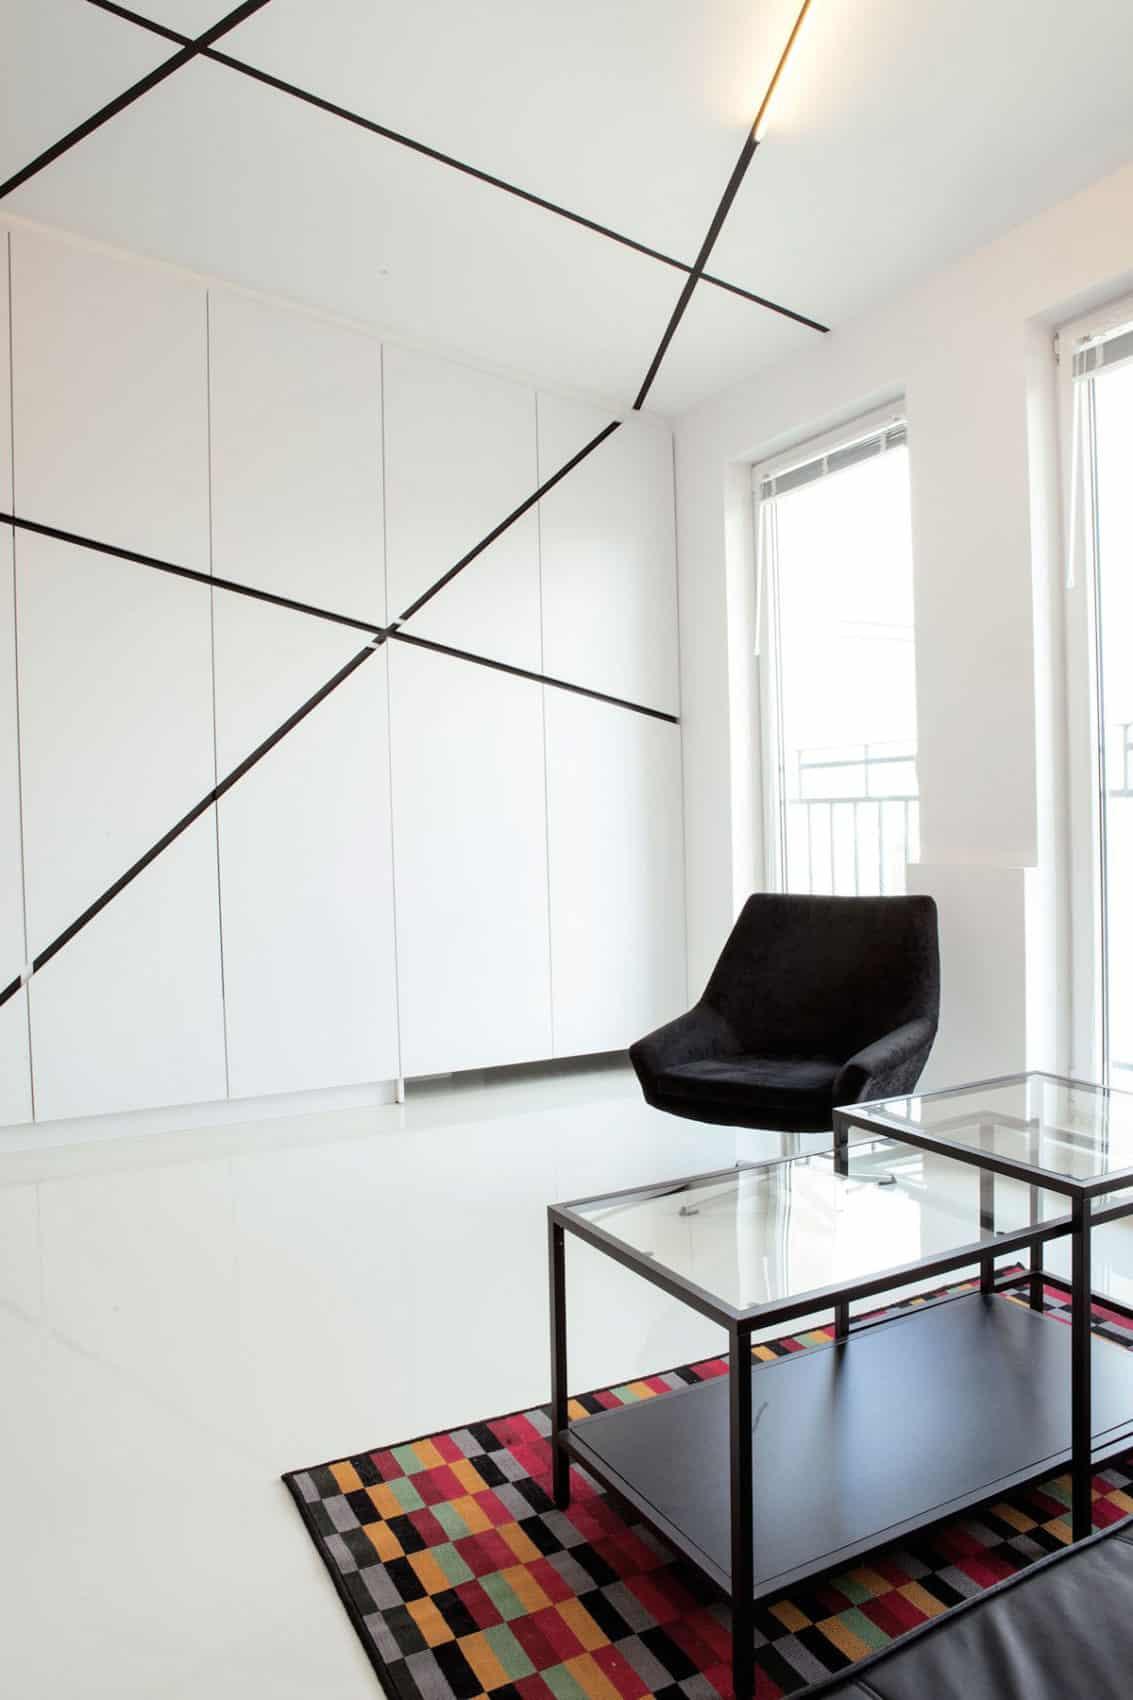 Minimalist Apartment in Lazarz by Mili Mlodzi Ludzie (4)